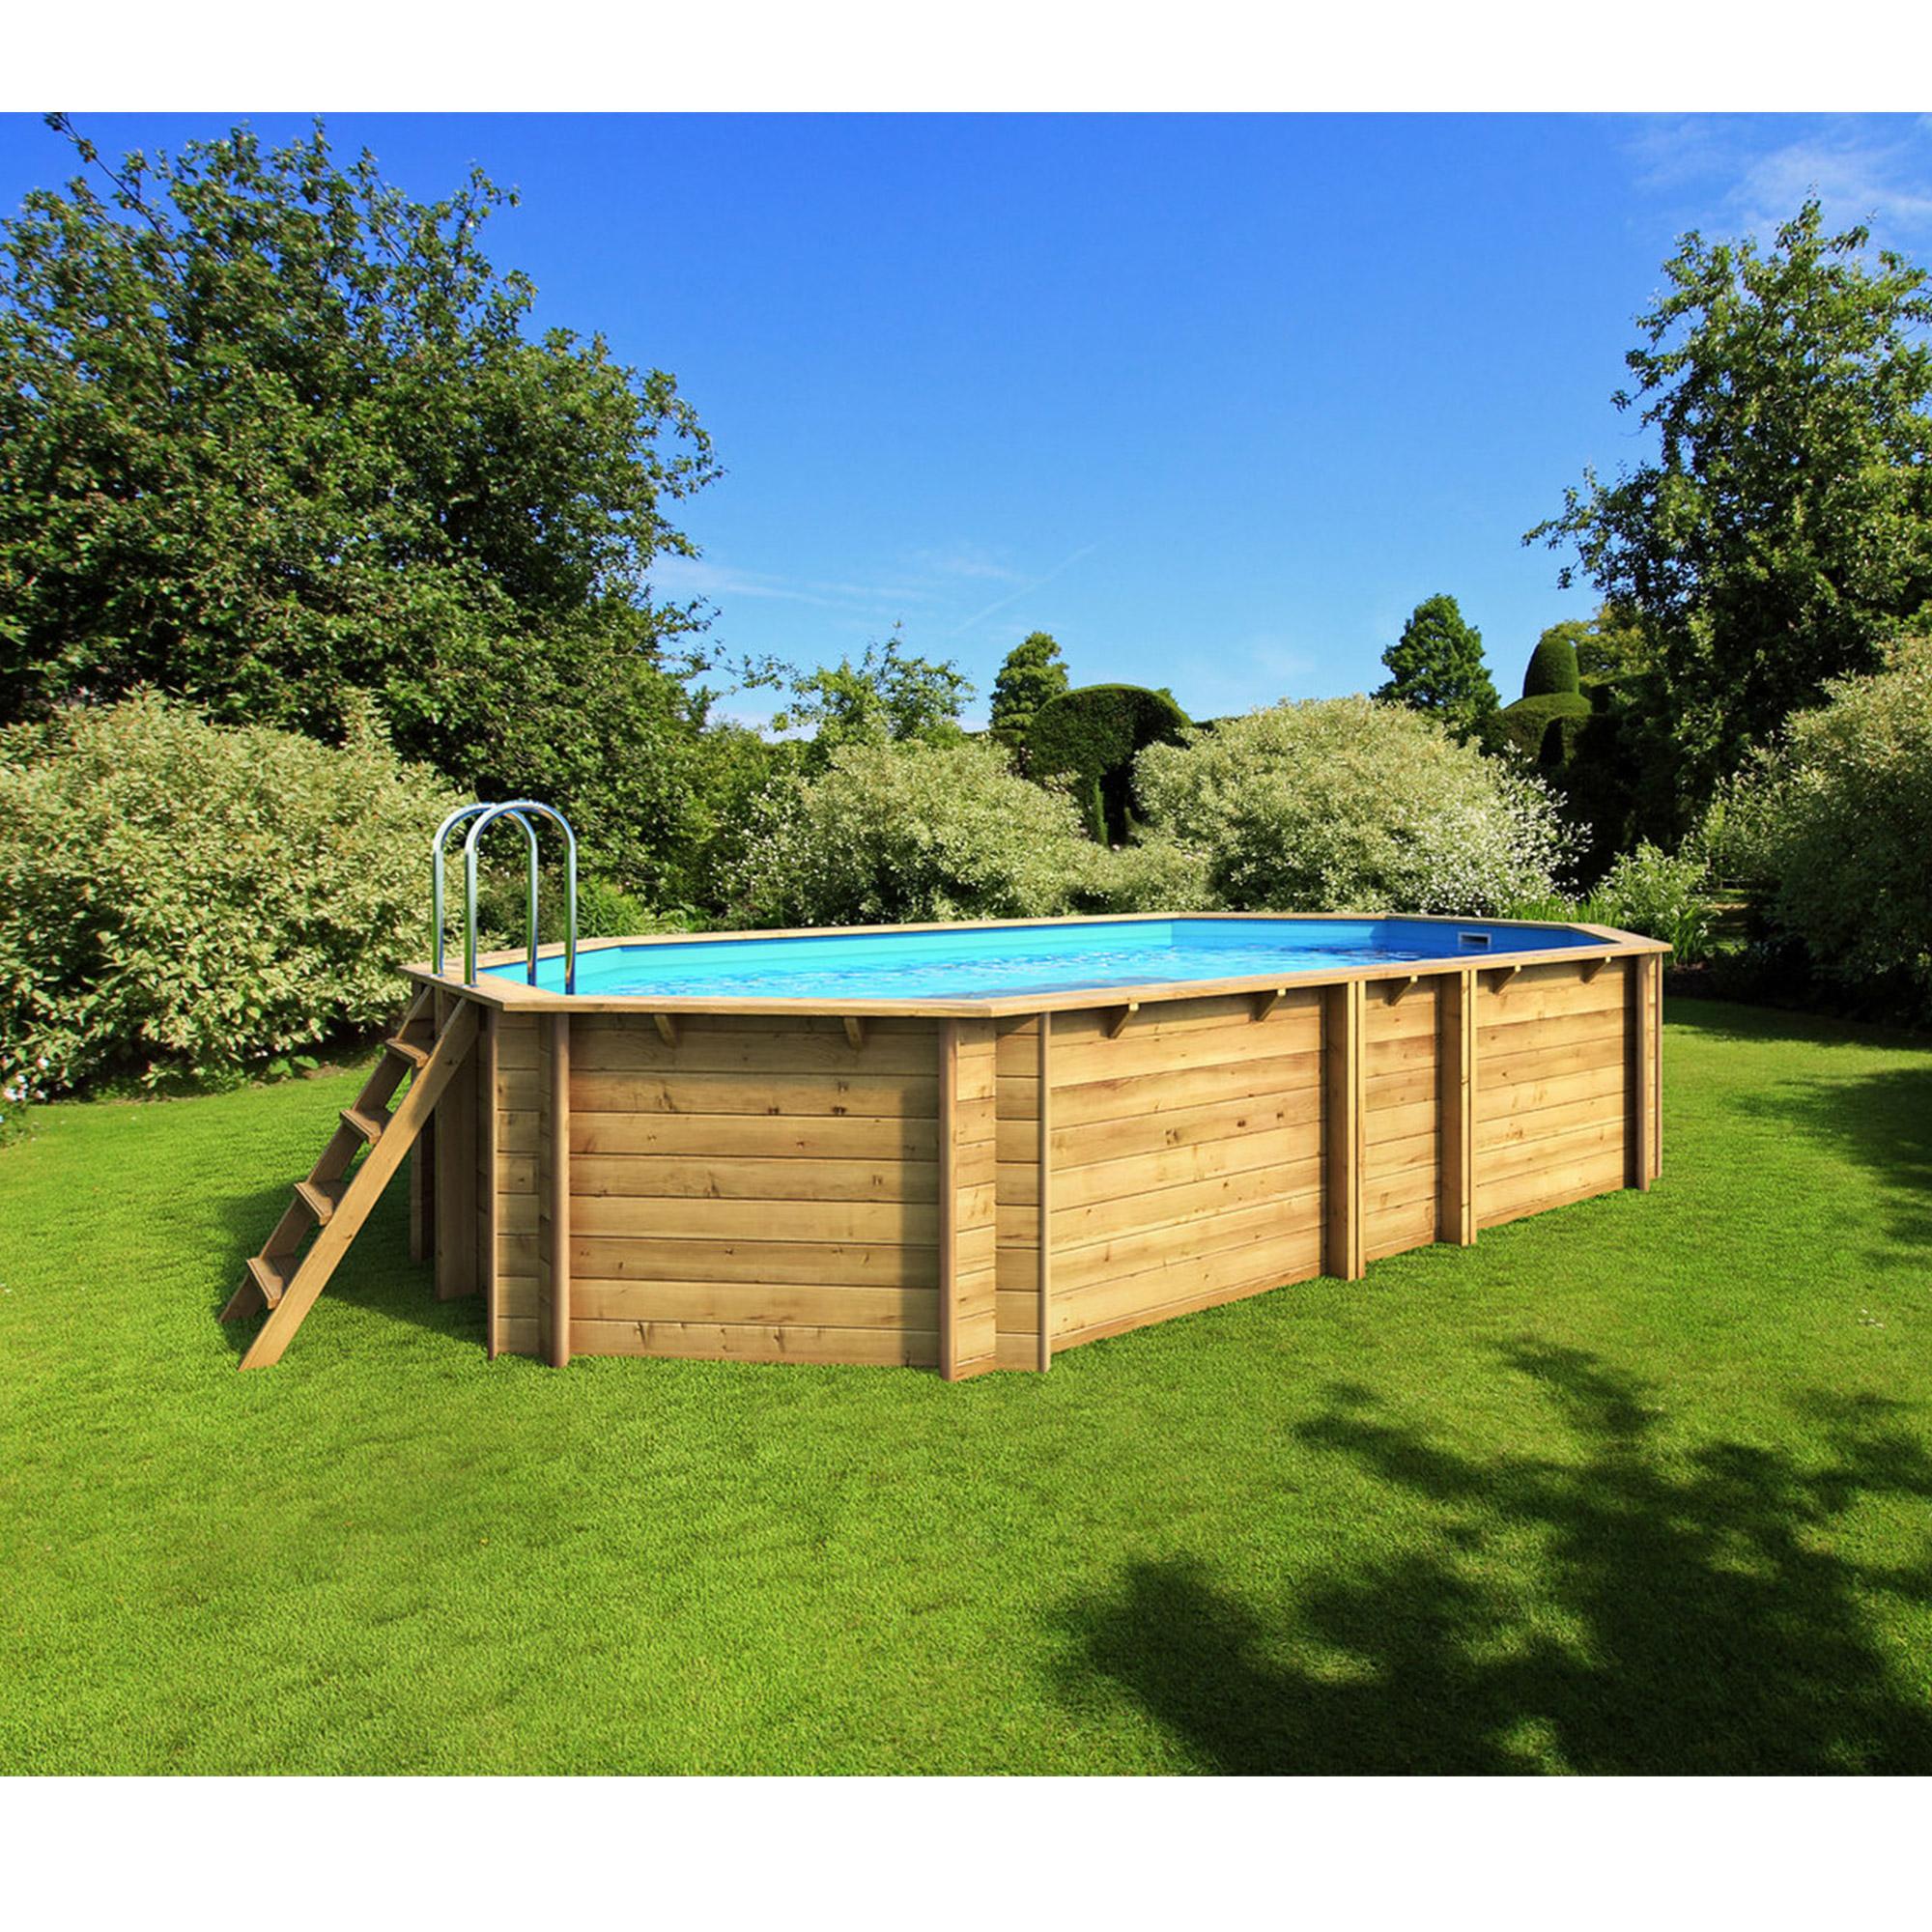 Piscine bois octogonale allong e exclusivement hors sol - Liner piscine hors sol octogonale ...